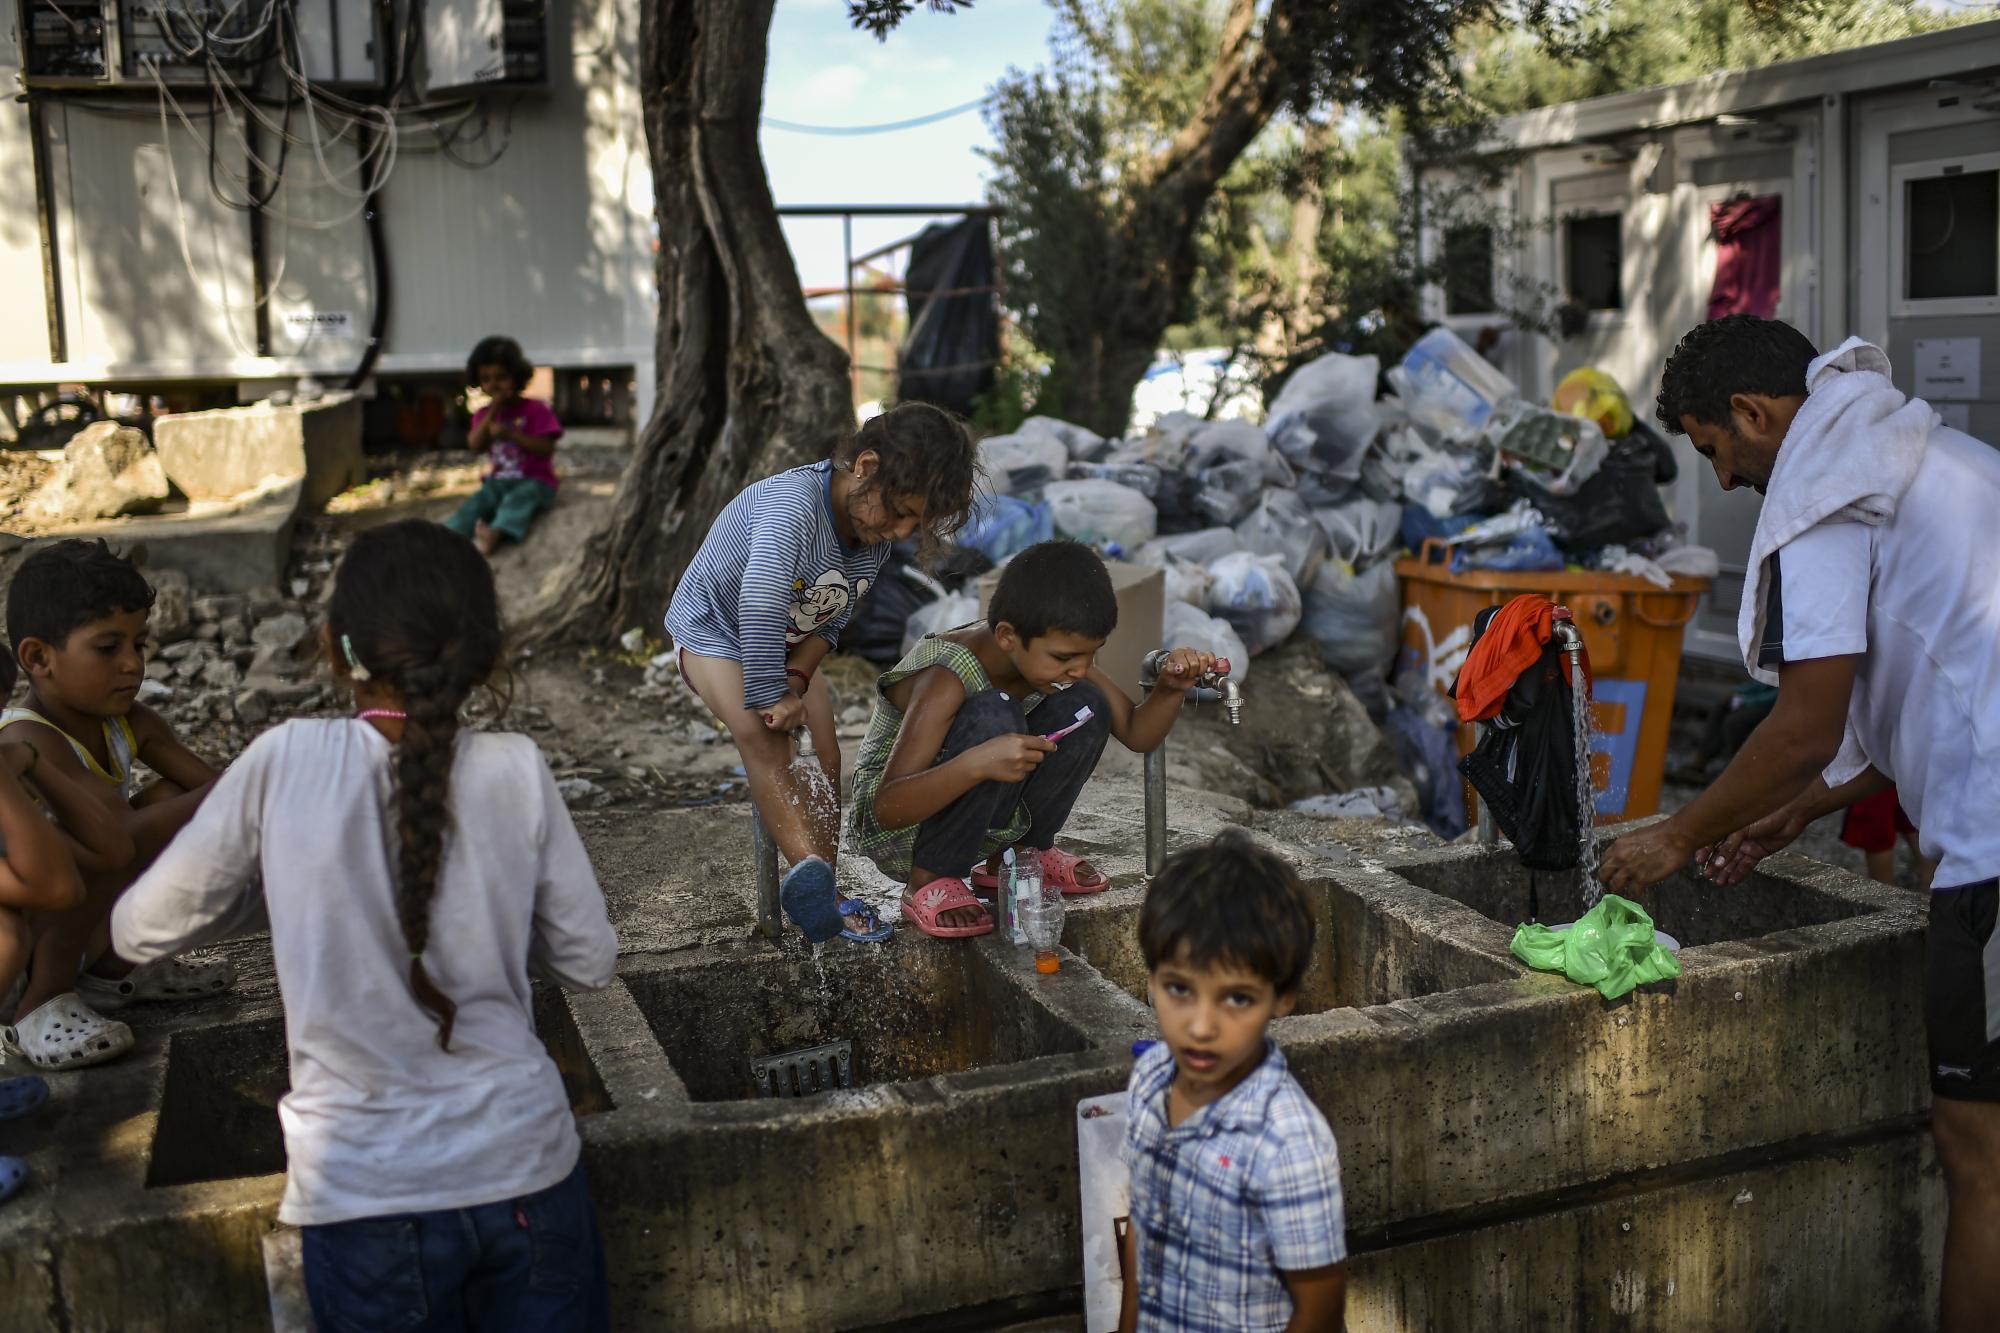 Des réfugiés se lavent et nettoient leurs vêtements à proximité du camp de Moria, sur l'île de Lesbos, le 5 août 2018